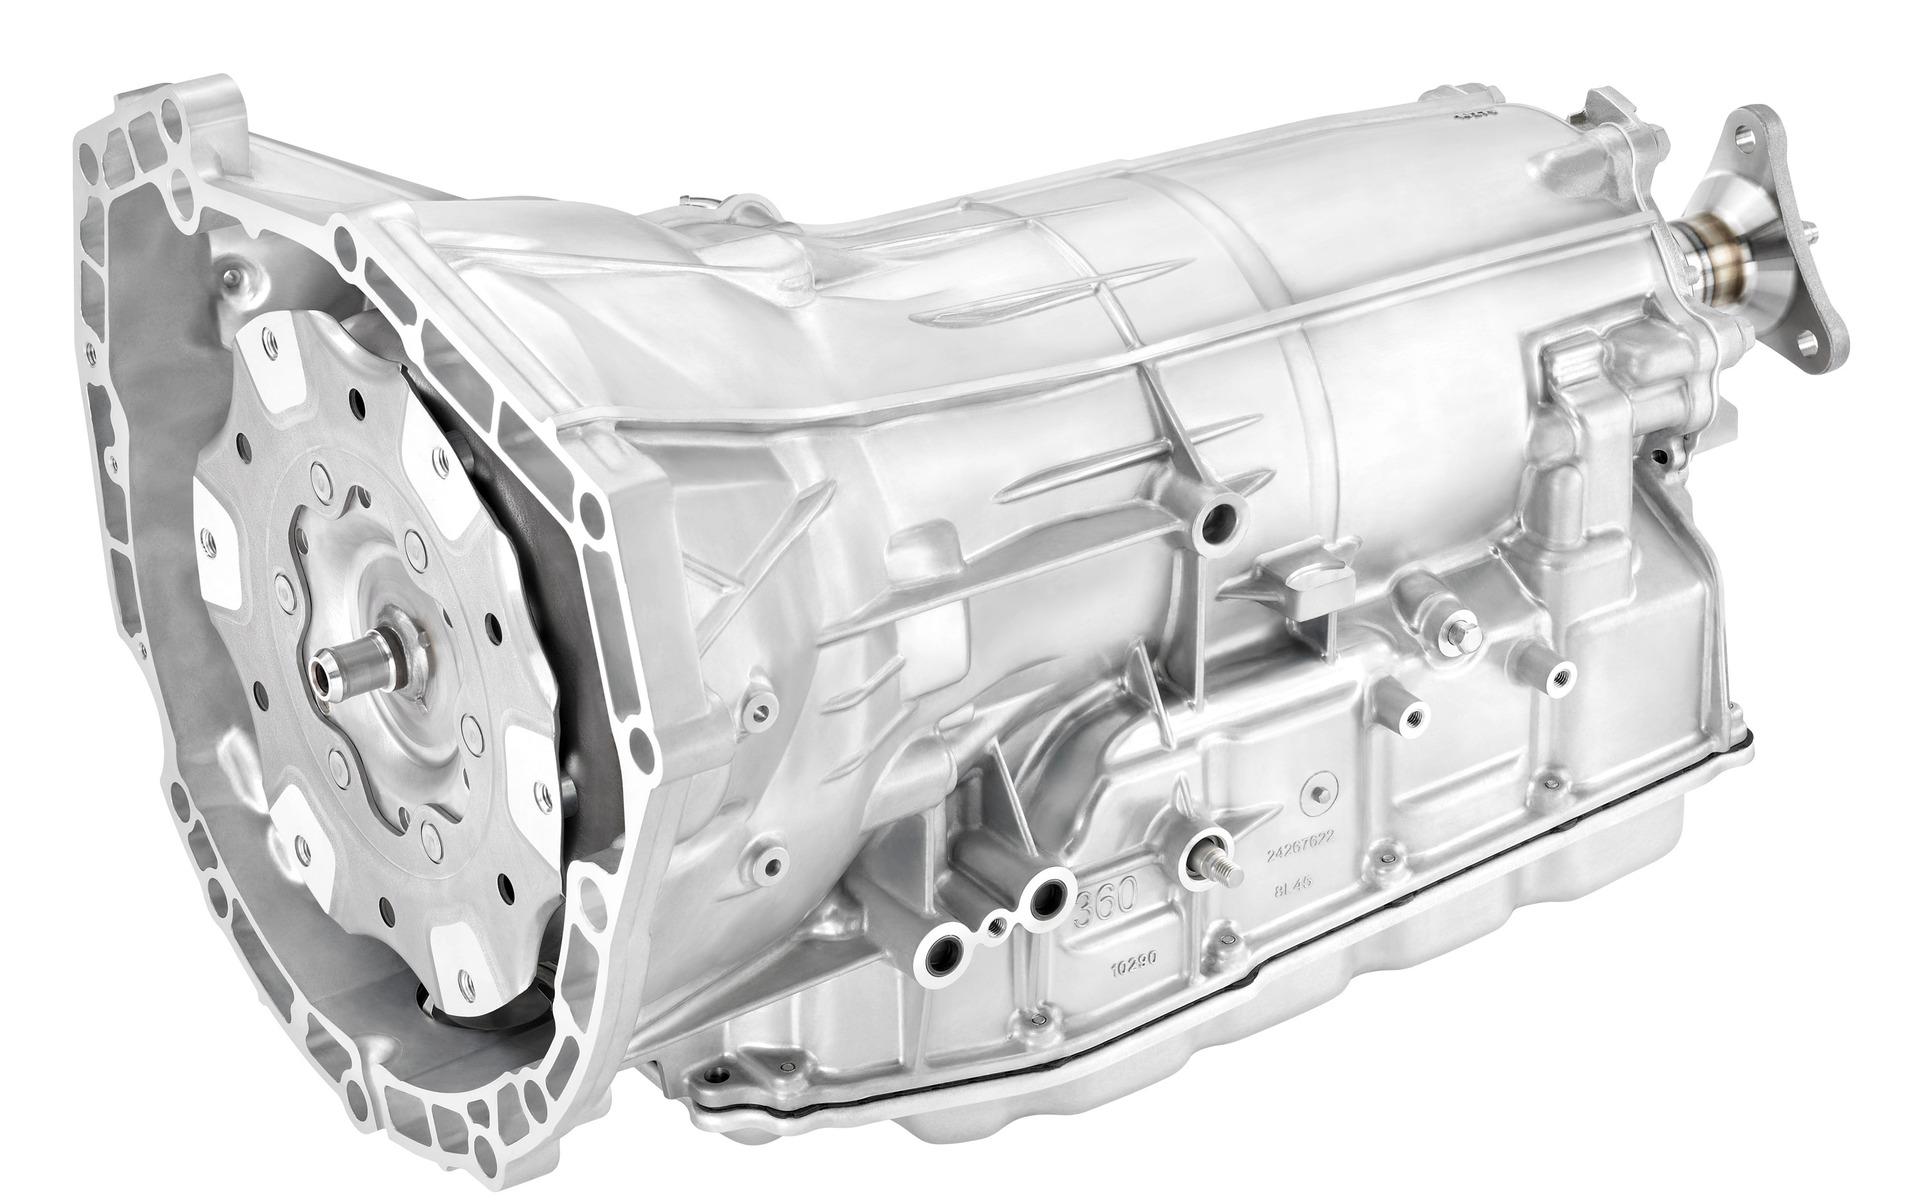 La transmission 8L45 est destinée aux moteurs atmosphériques.